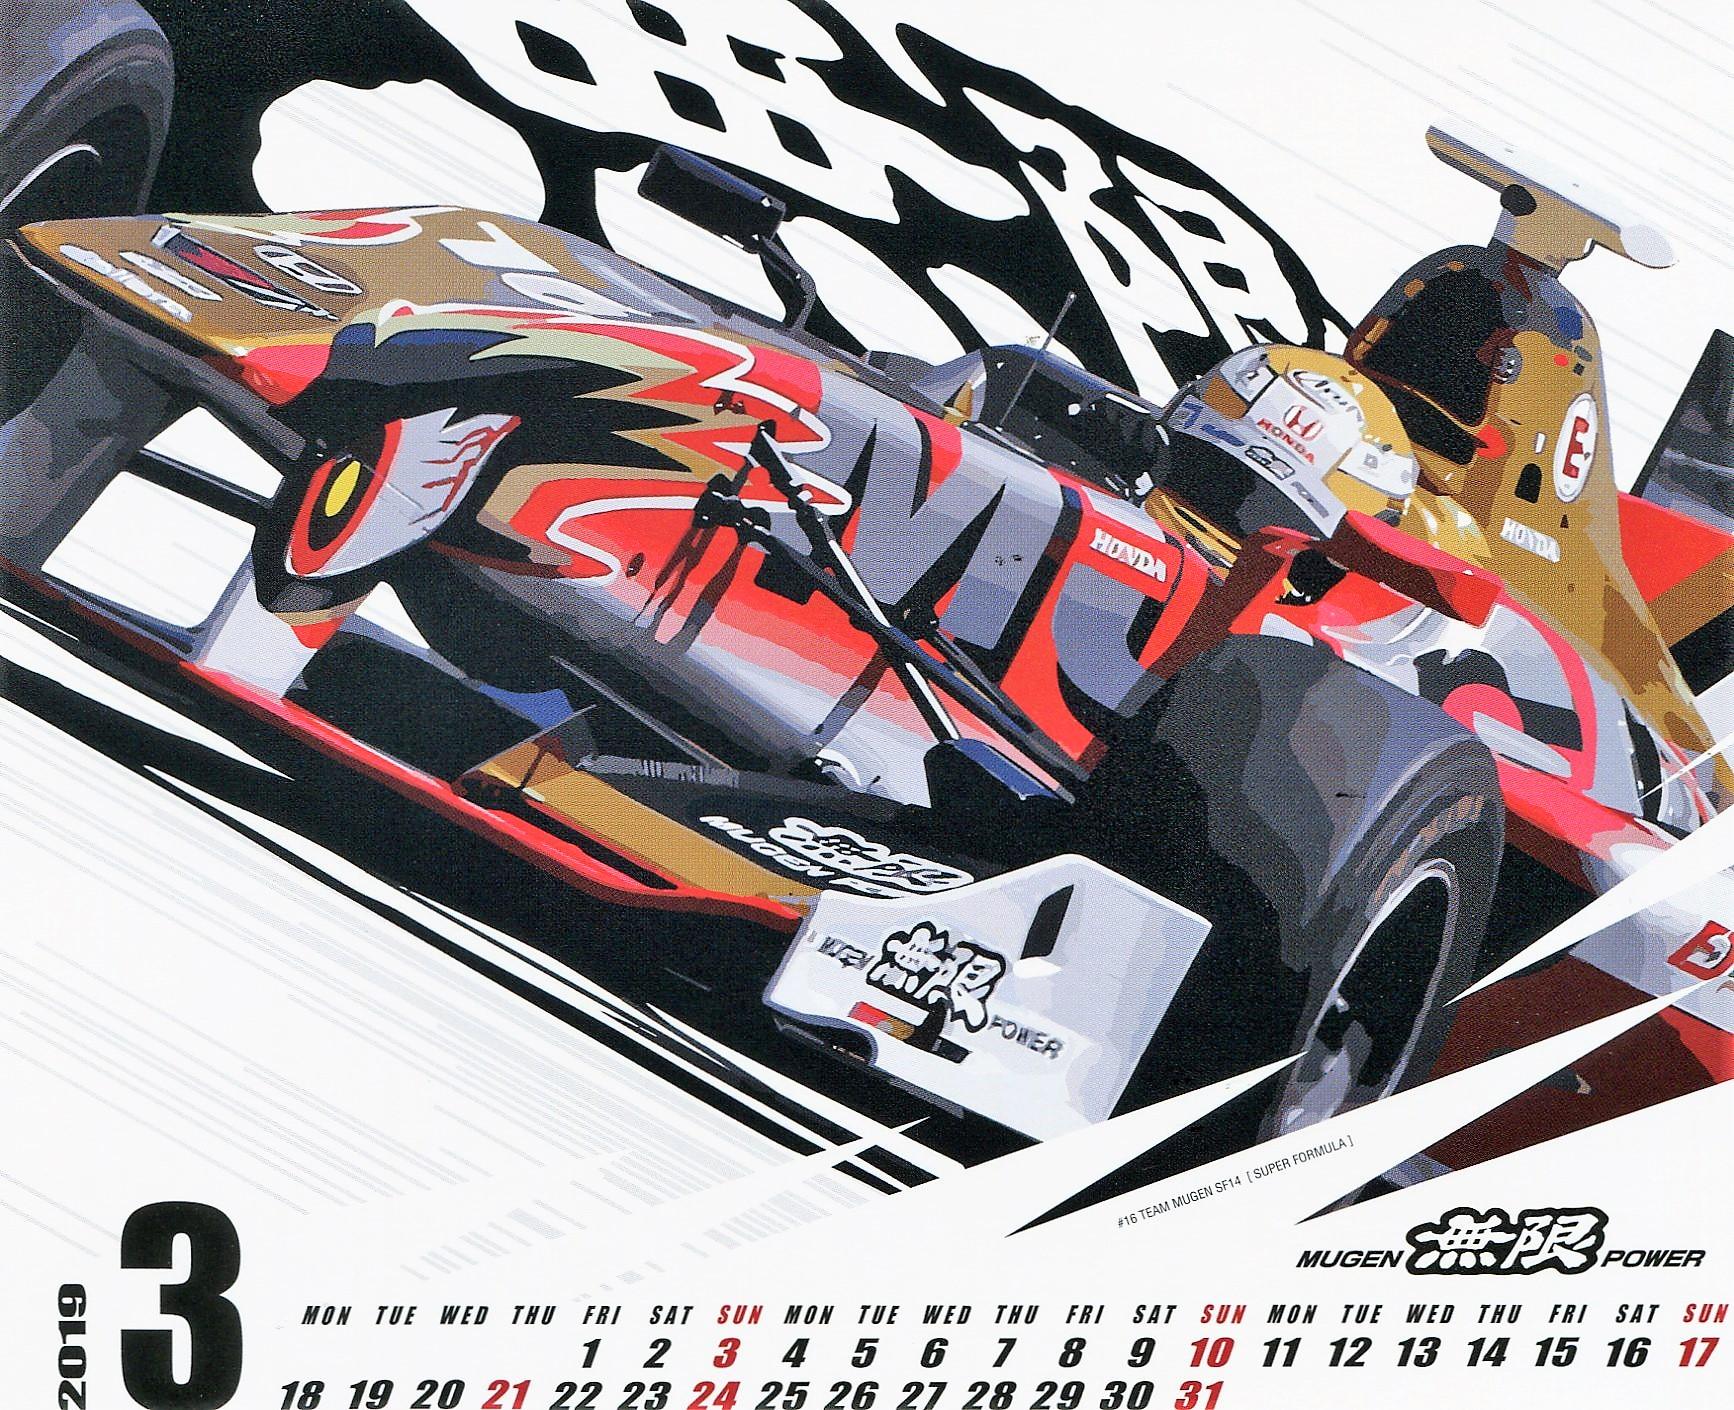 2019 Mugen Power Desktop Calendar 2019 Mugen Power Desktop Calendar